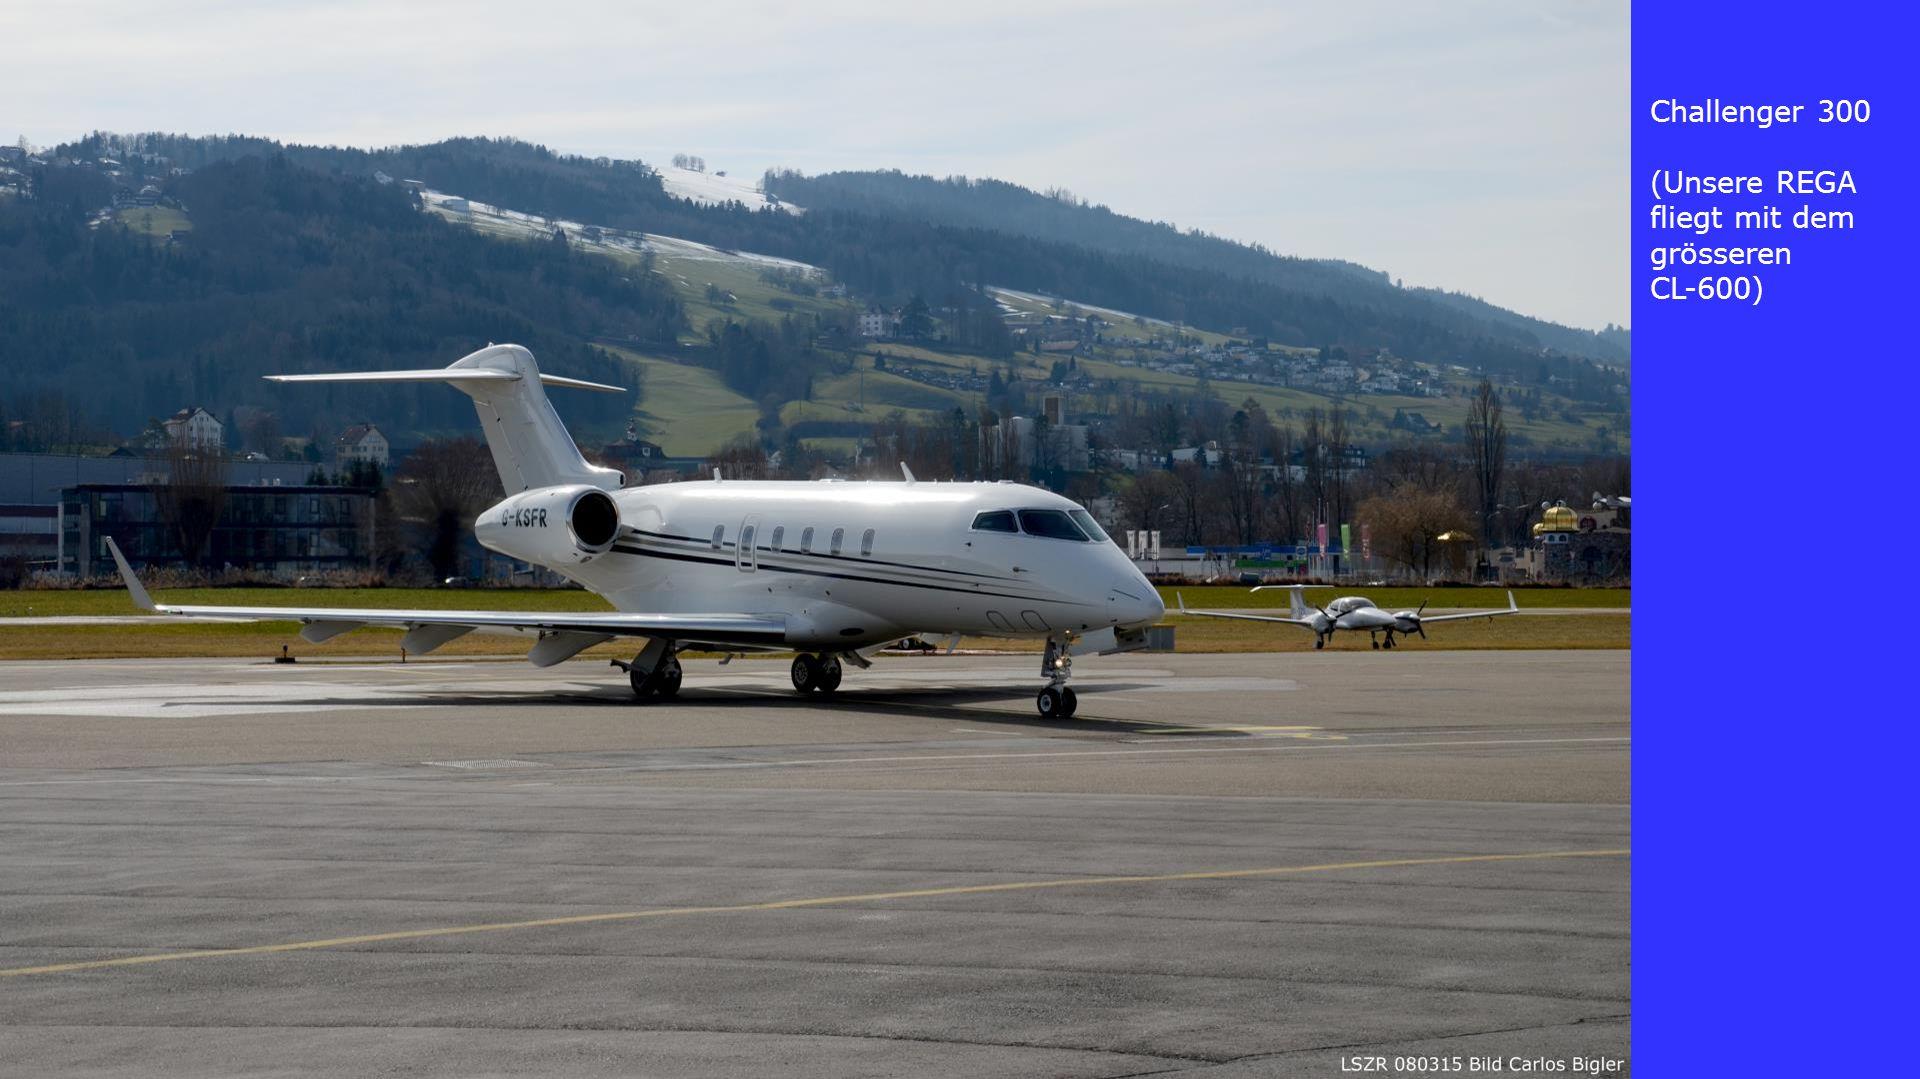 Challenger 300 (Unsere REGA fliegt mit dem grösseren CL-600)